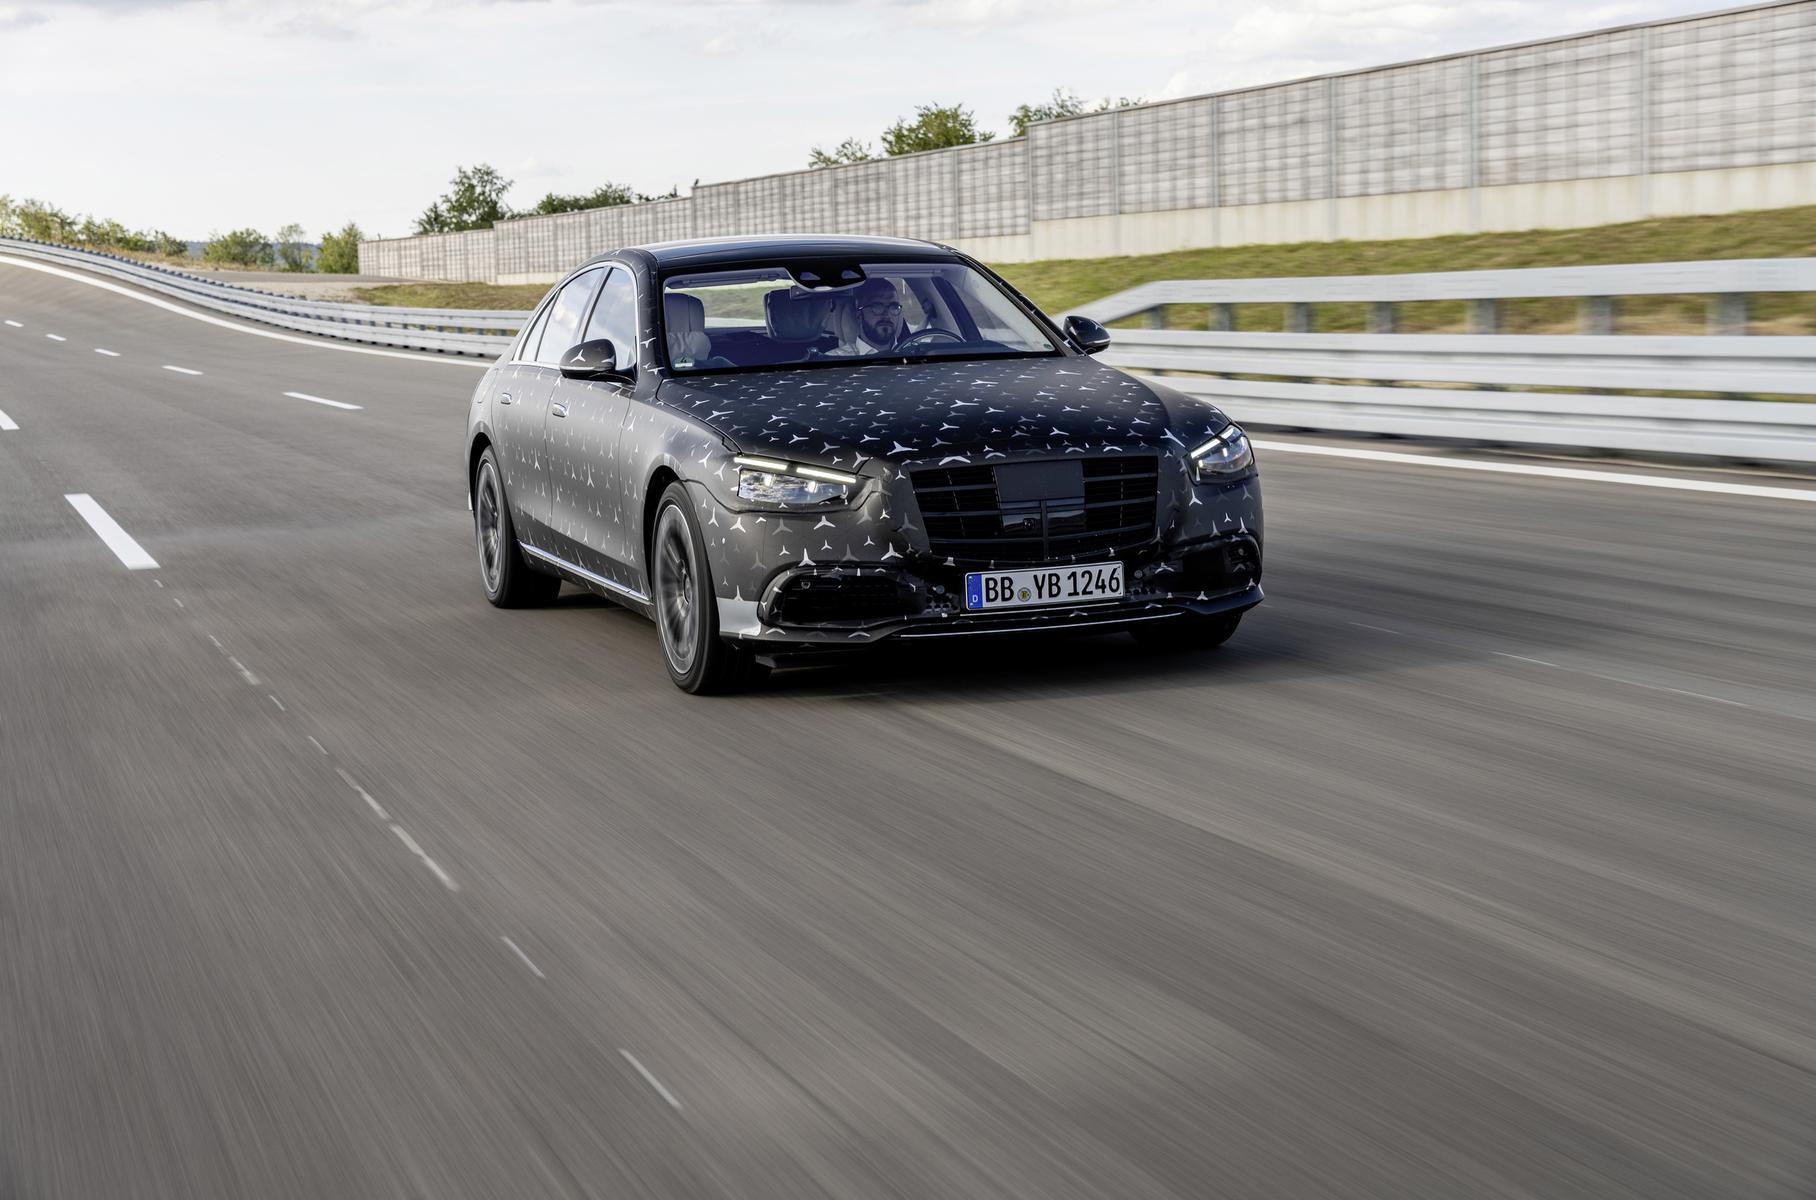 Mercedes-Benz S-Class получит инновационную гидропневматическую подвеску